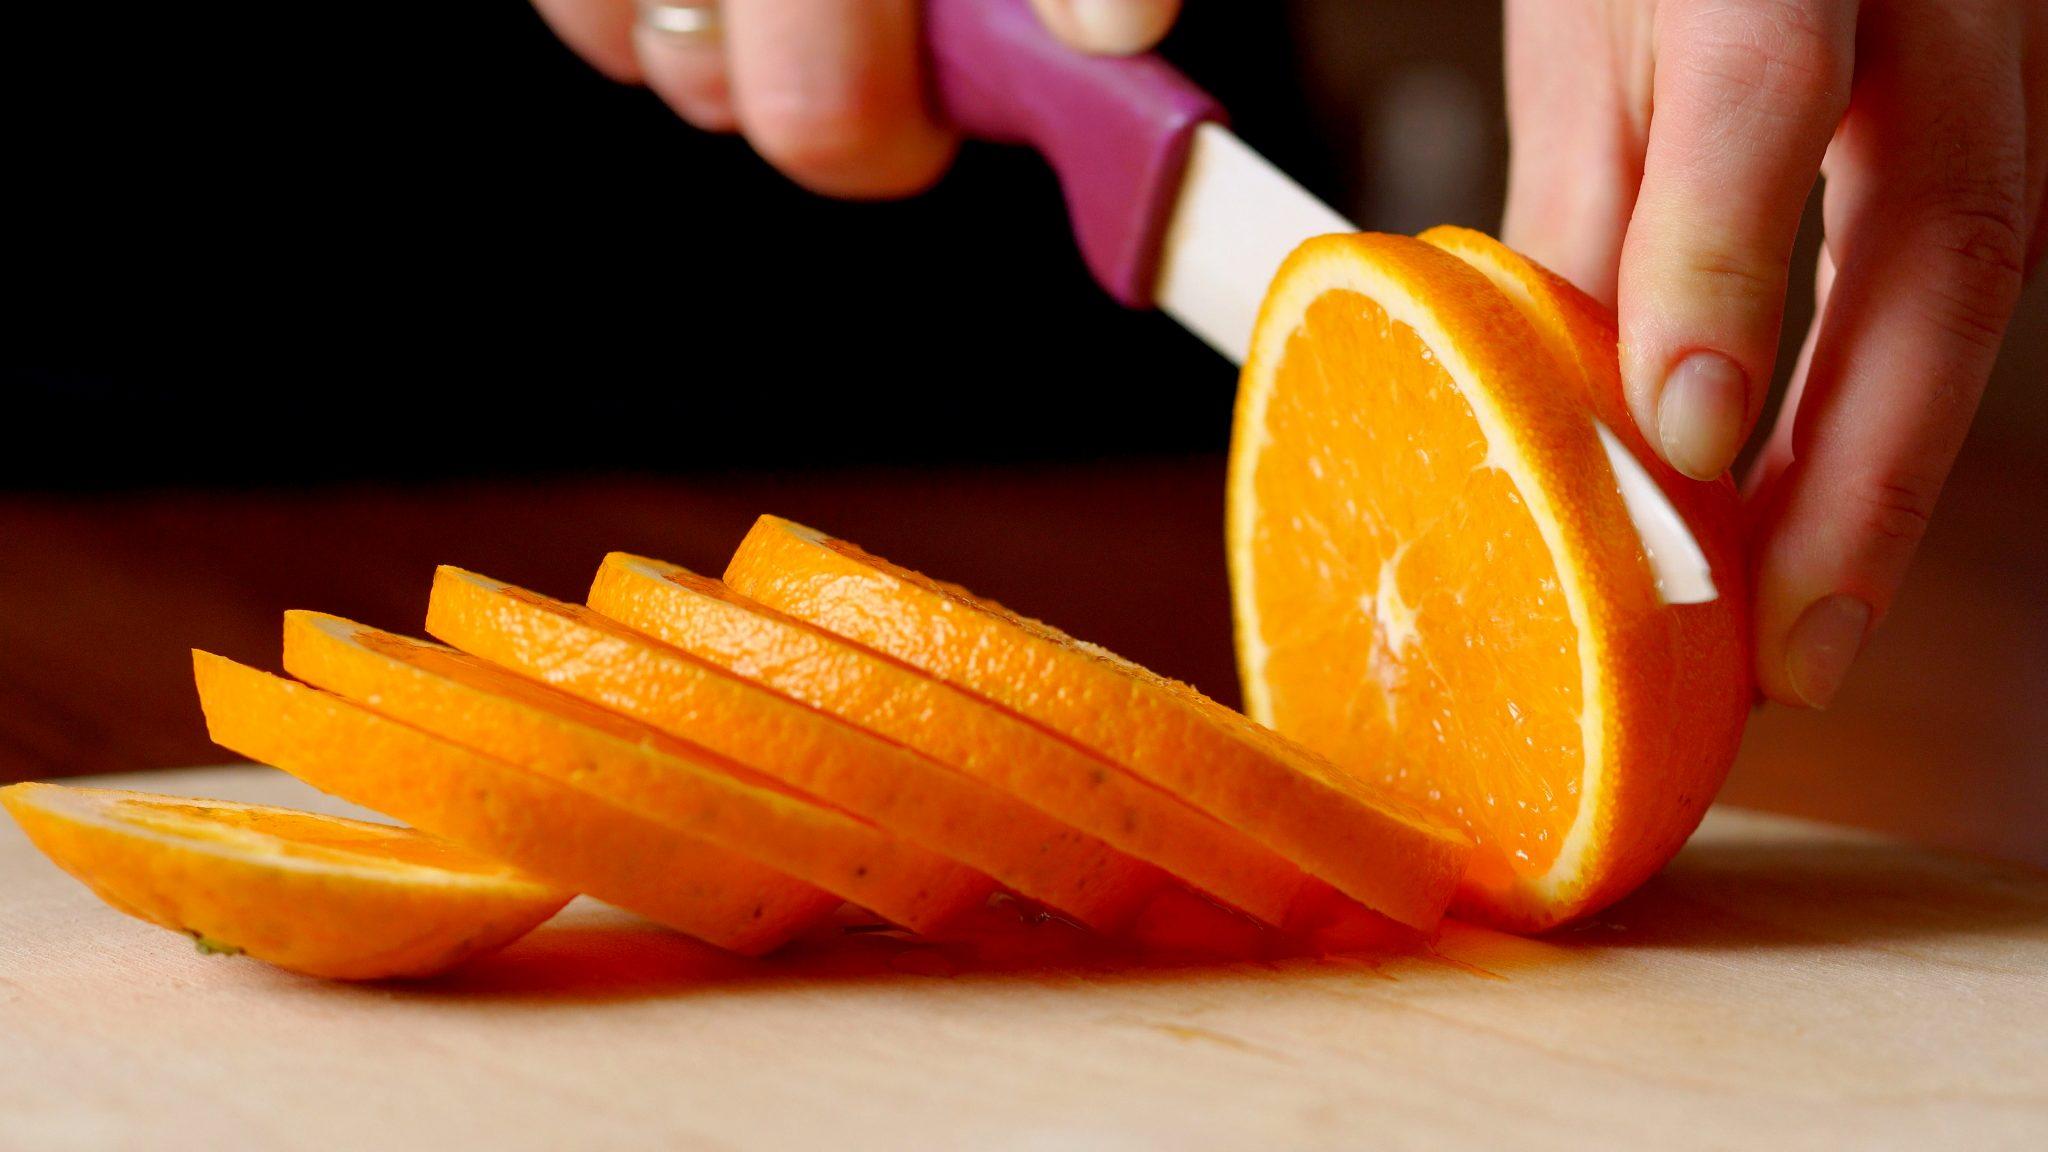 オレンジを輪切りしている